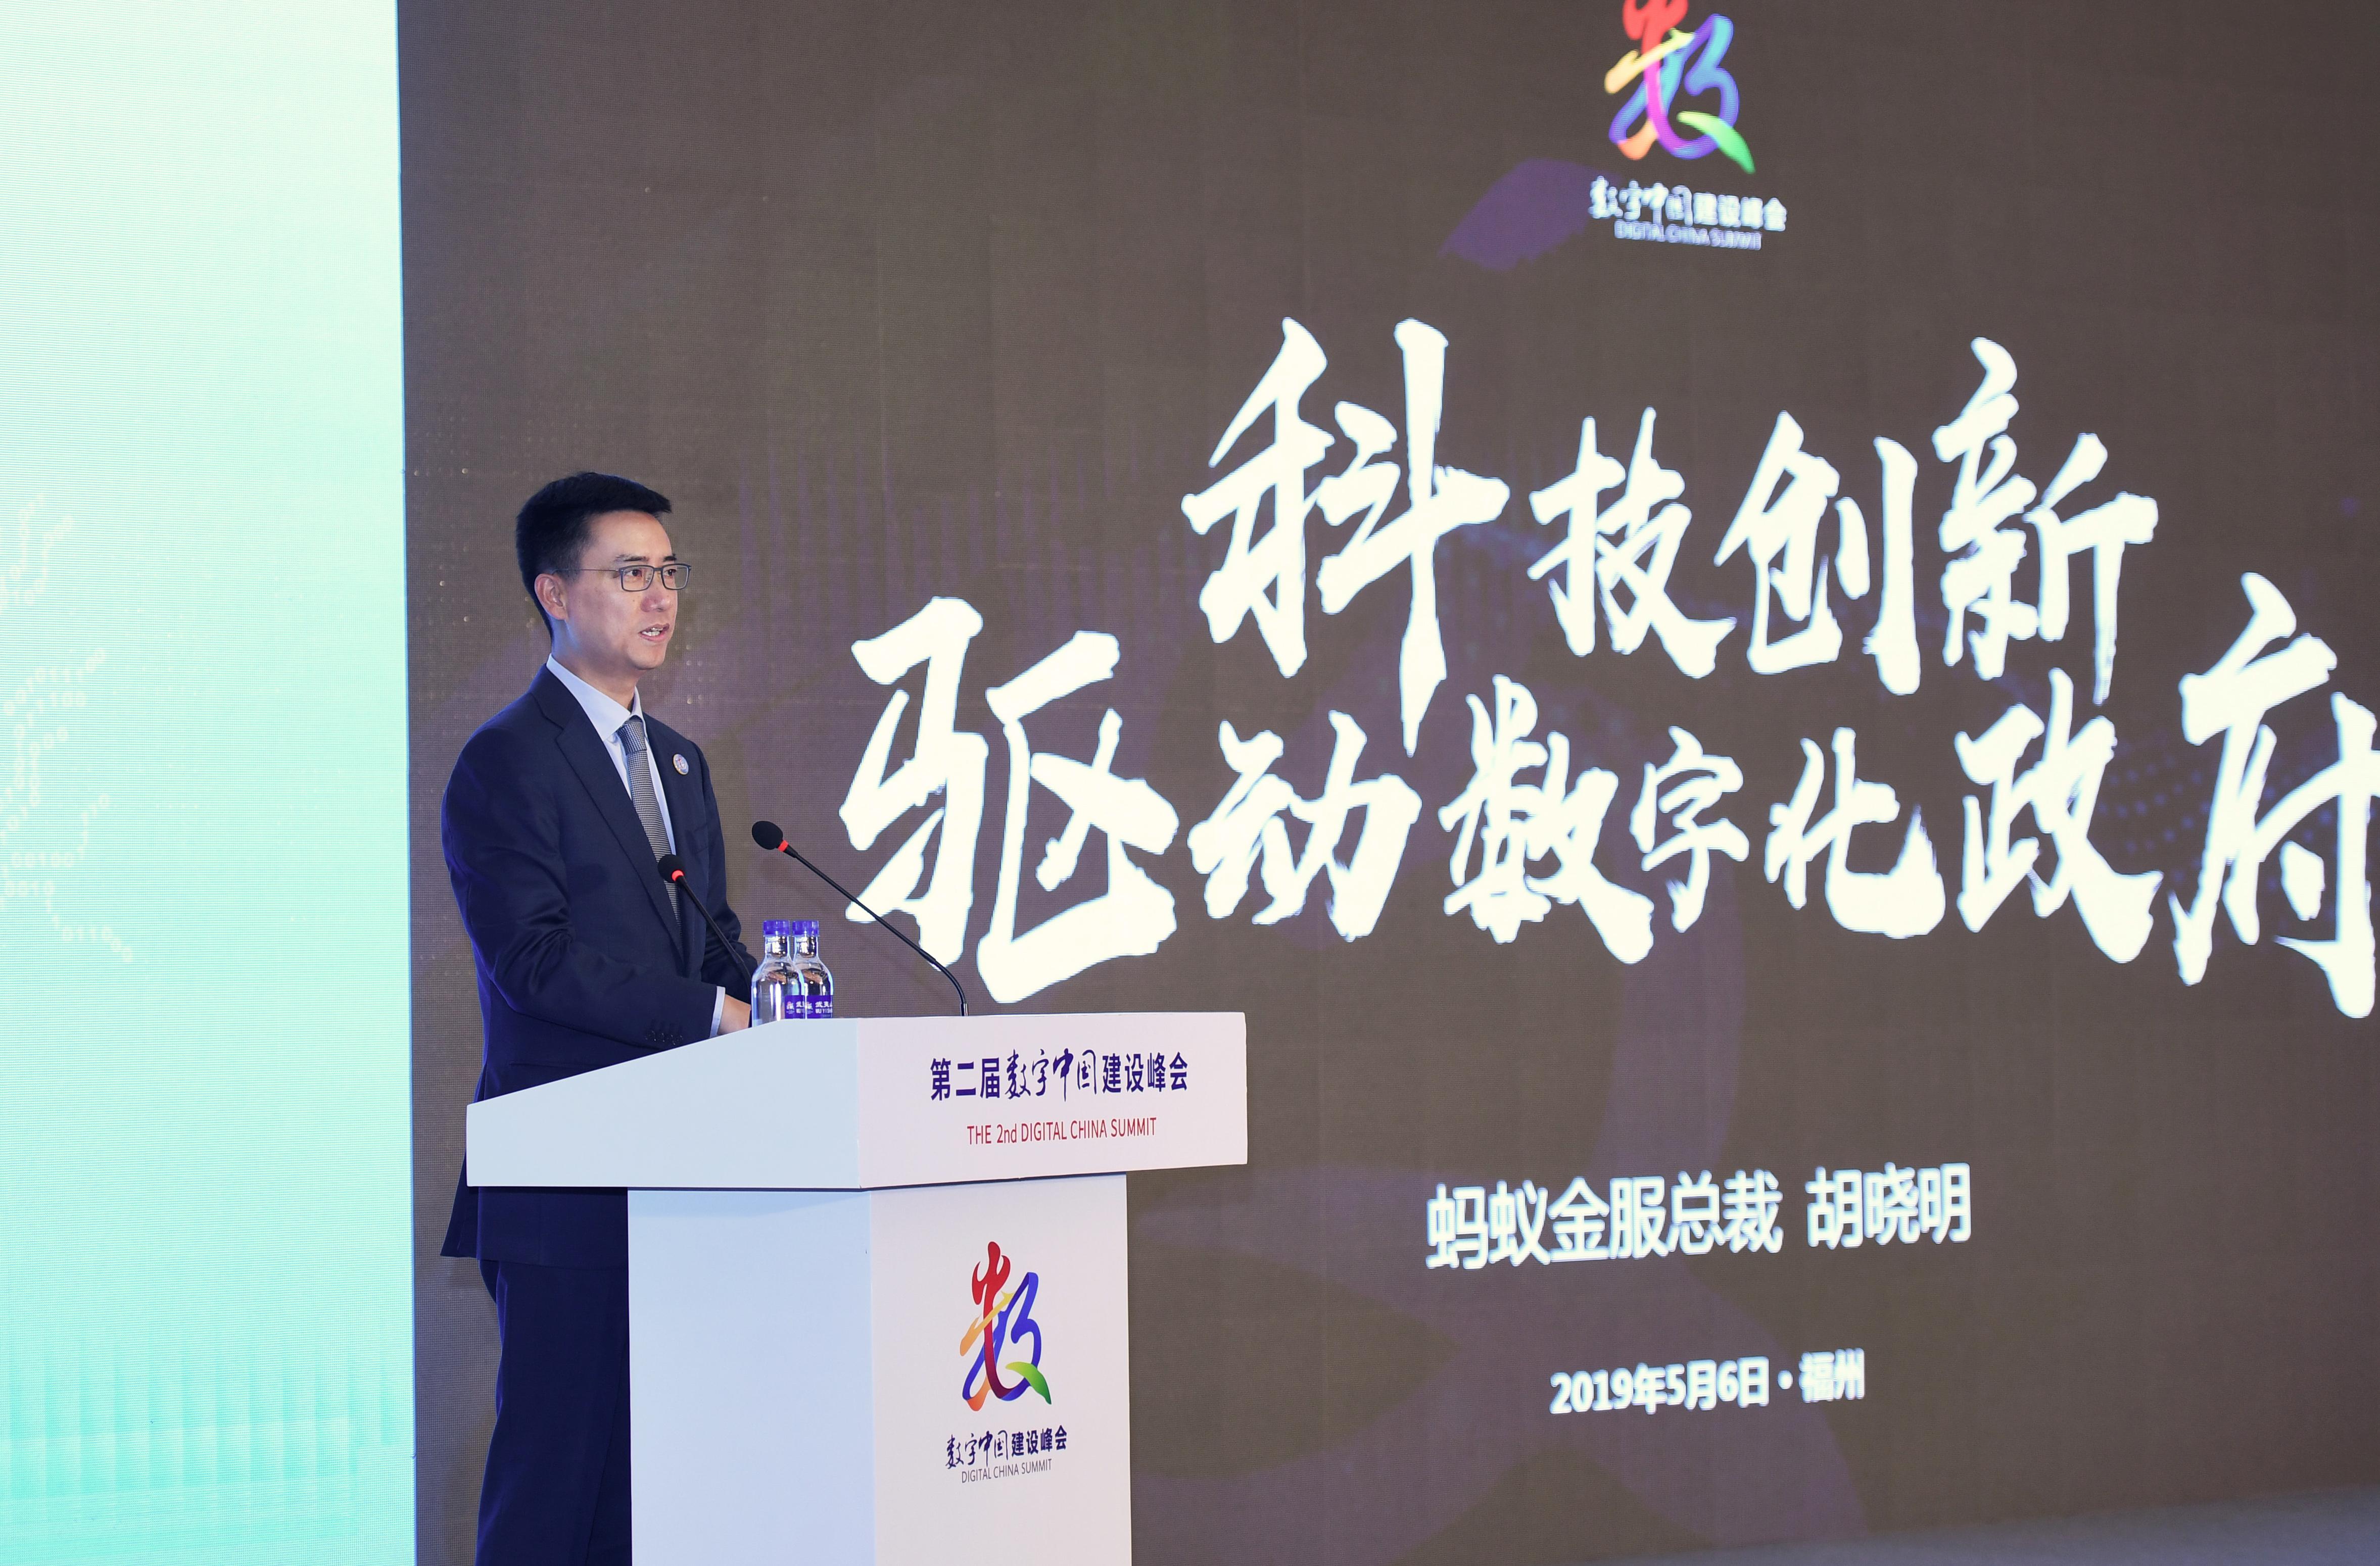 蚂蚁金服总裁胡晓明:每4个中国人就有1个在支付宝办事